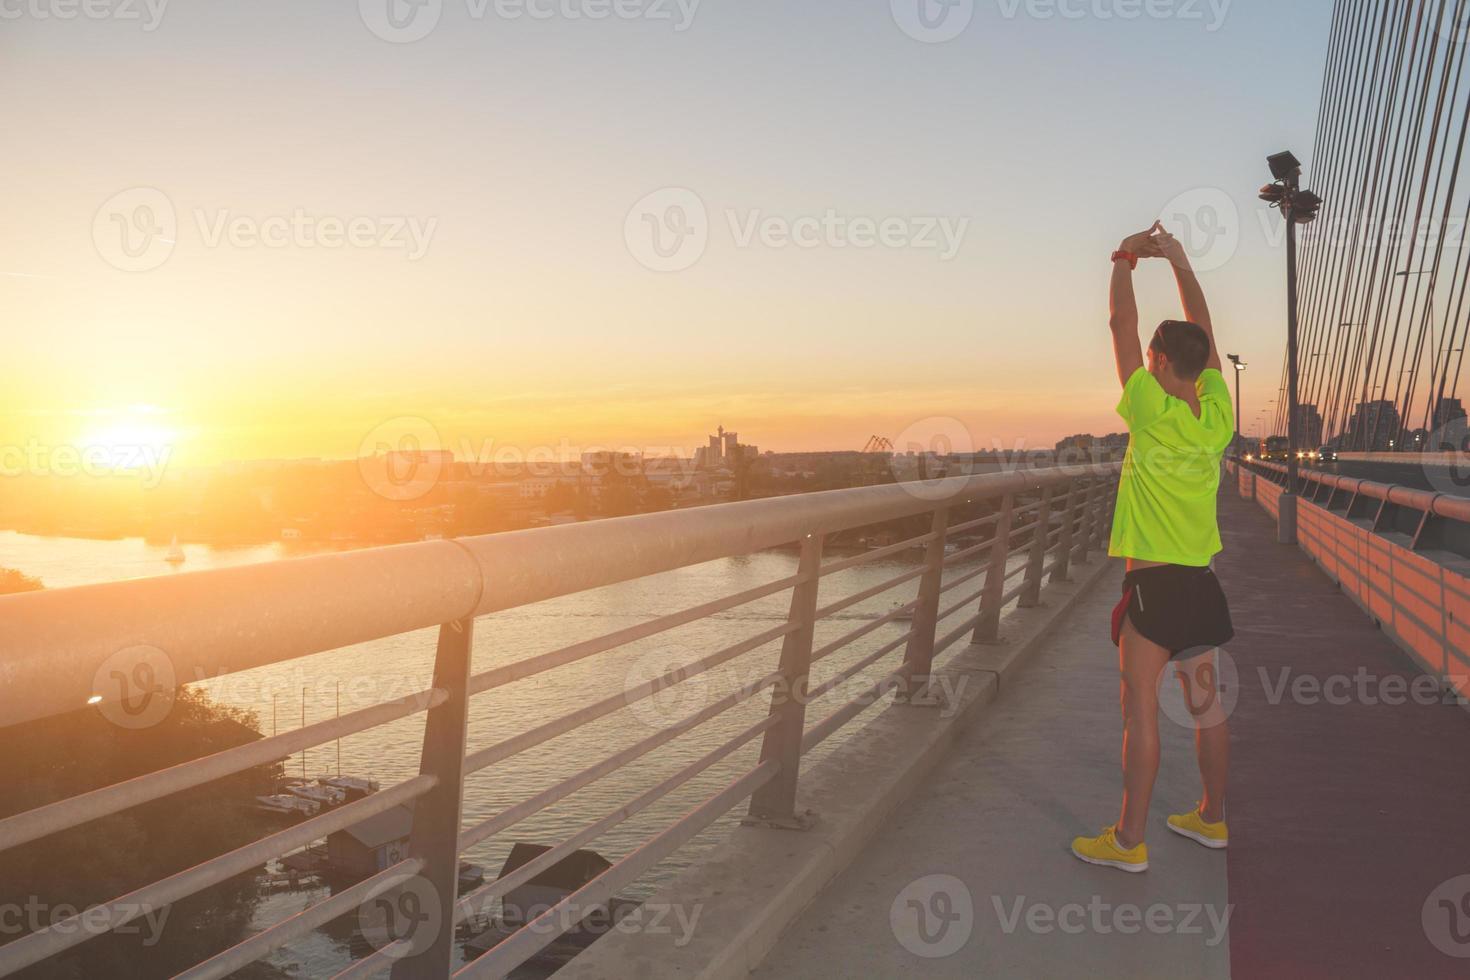 pareggiatore urbano che si estende sul ponte foto